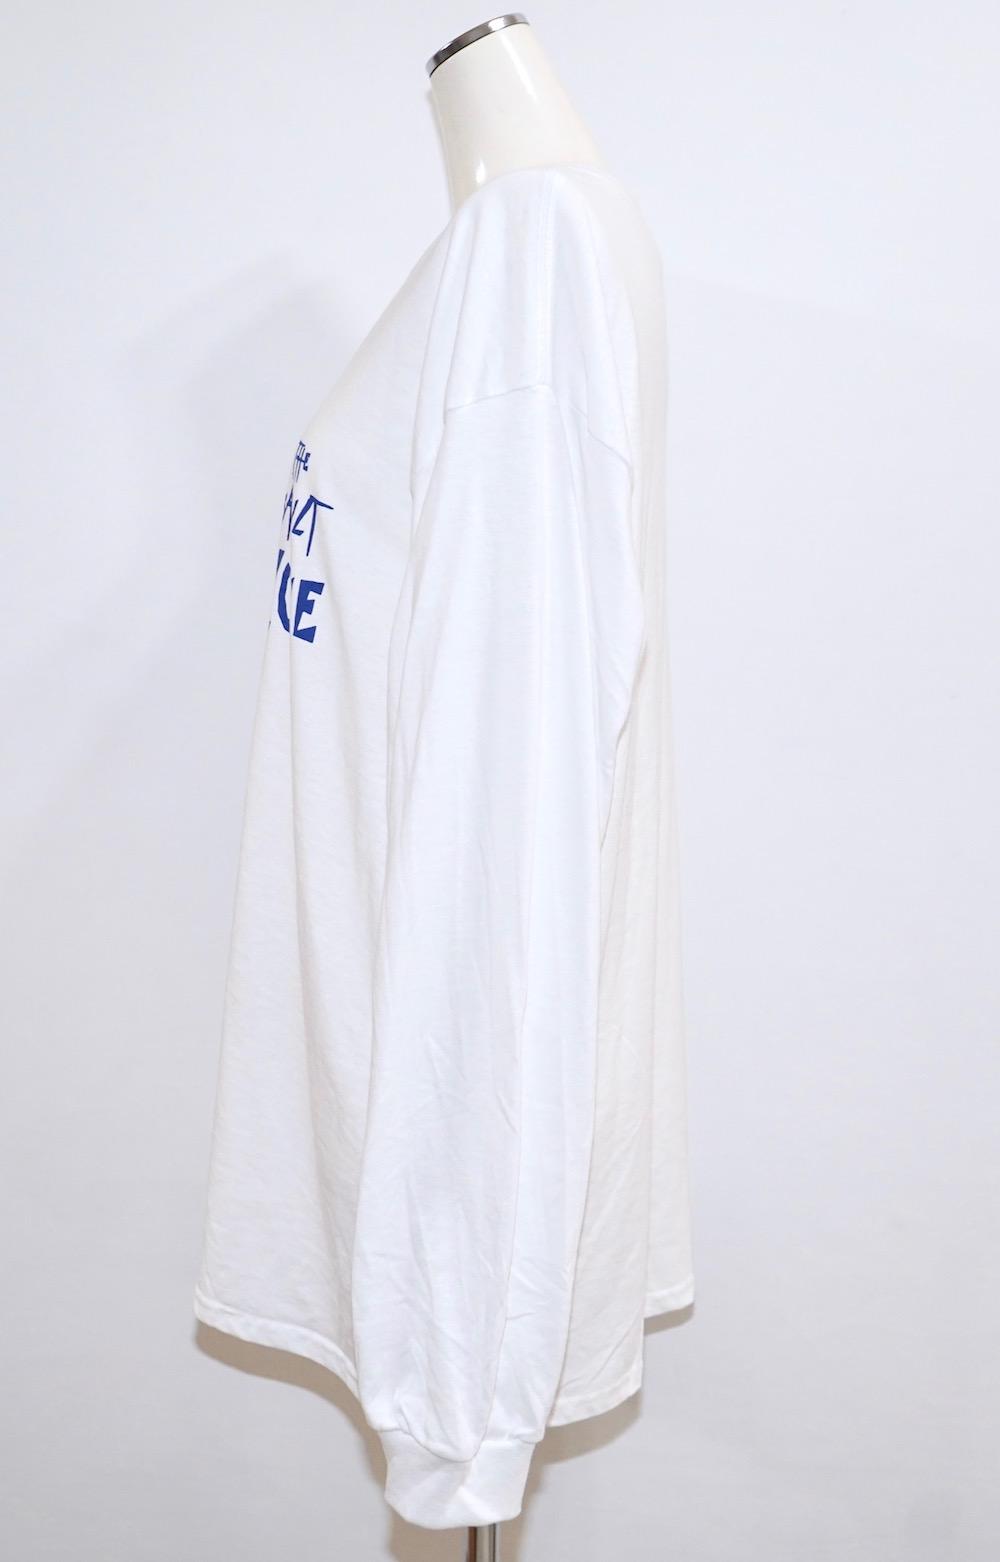 Scratch Logo Sleeve Big  L/S TEE (white) -ASSAULT BLUE-